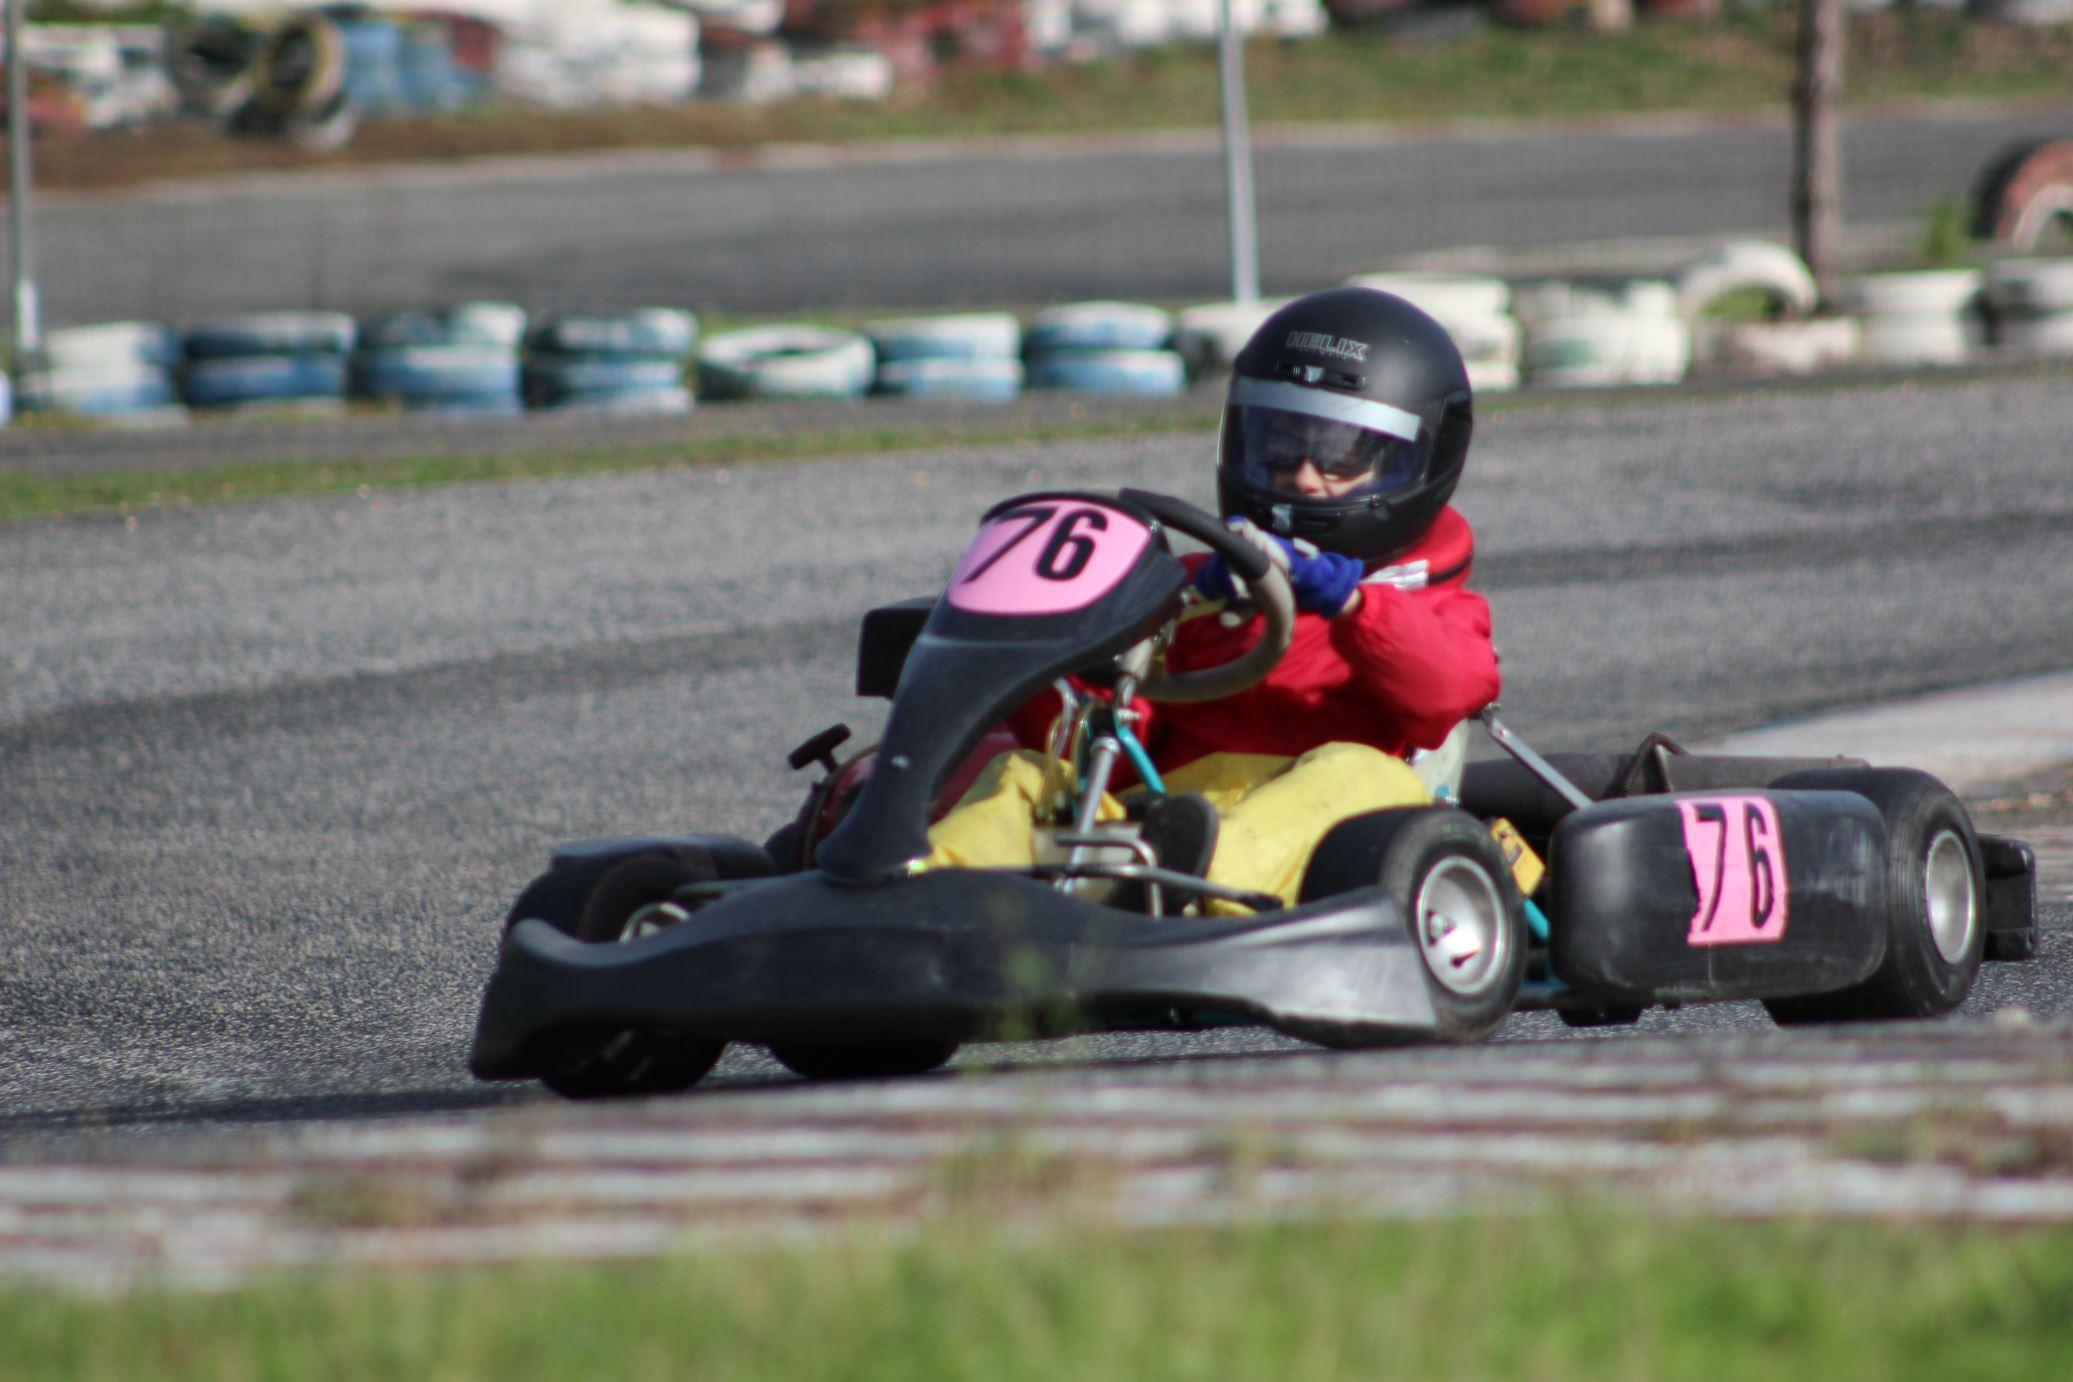 Troféu Honda 2014 - 5ª Prova193